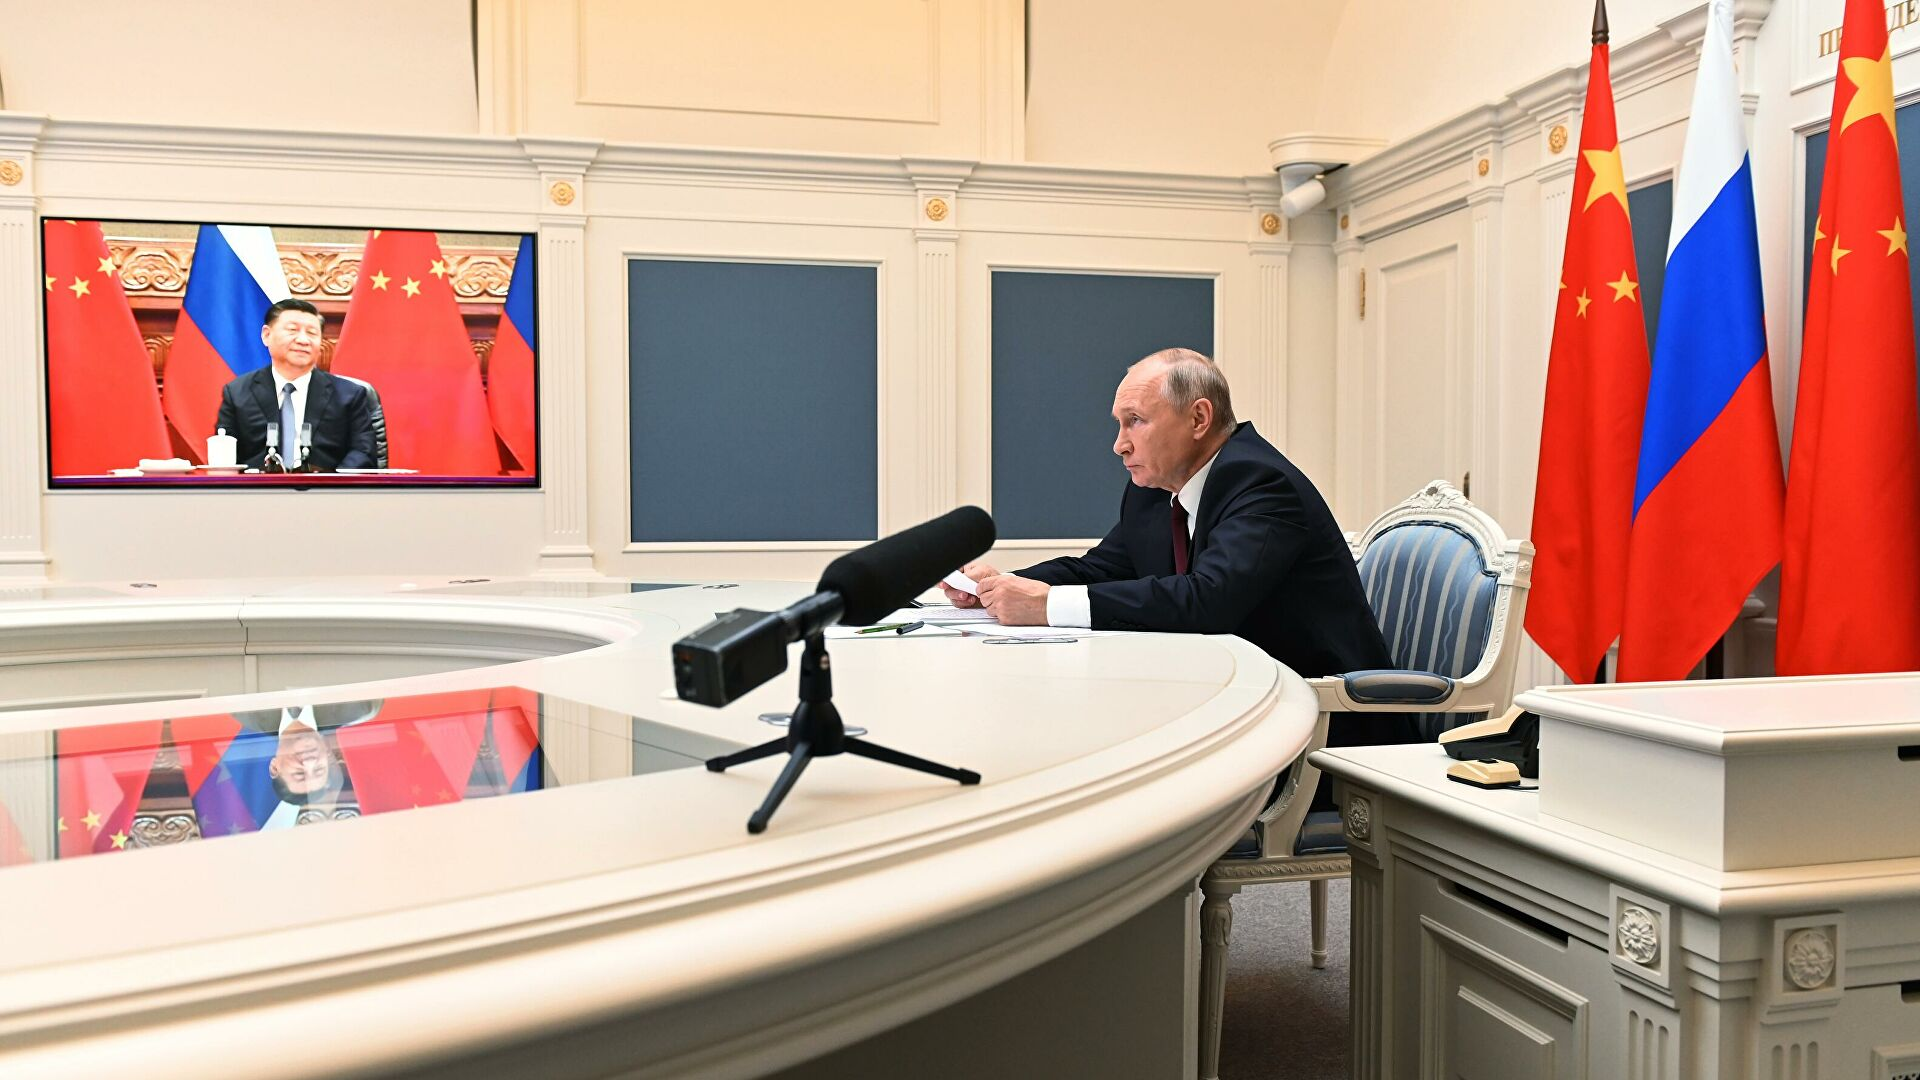 Русија и Кина продужиле Споразум о добросуседству, пријатељству и сарадњи